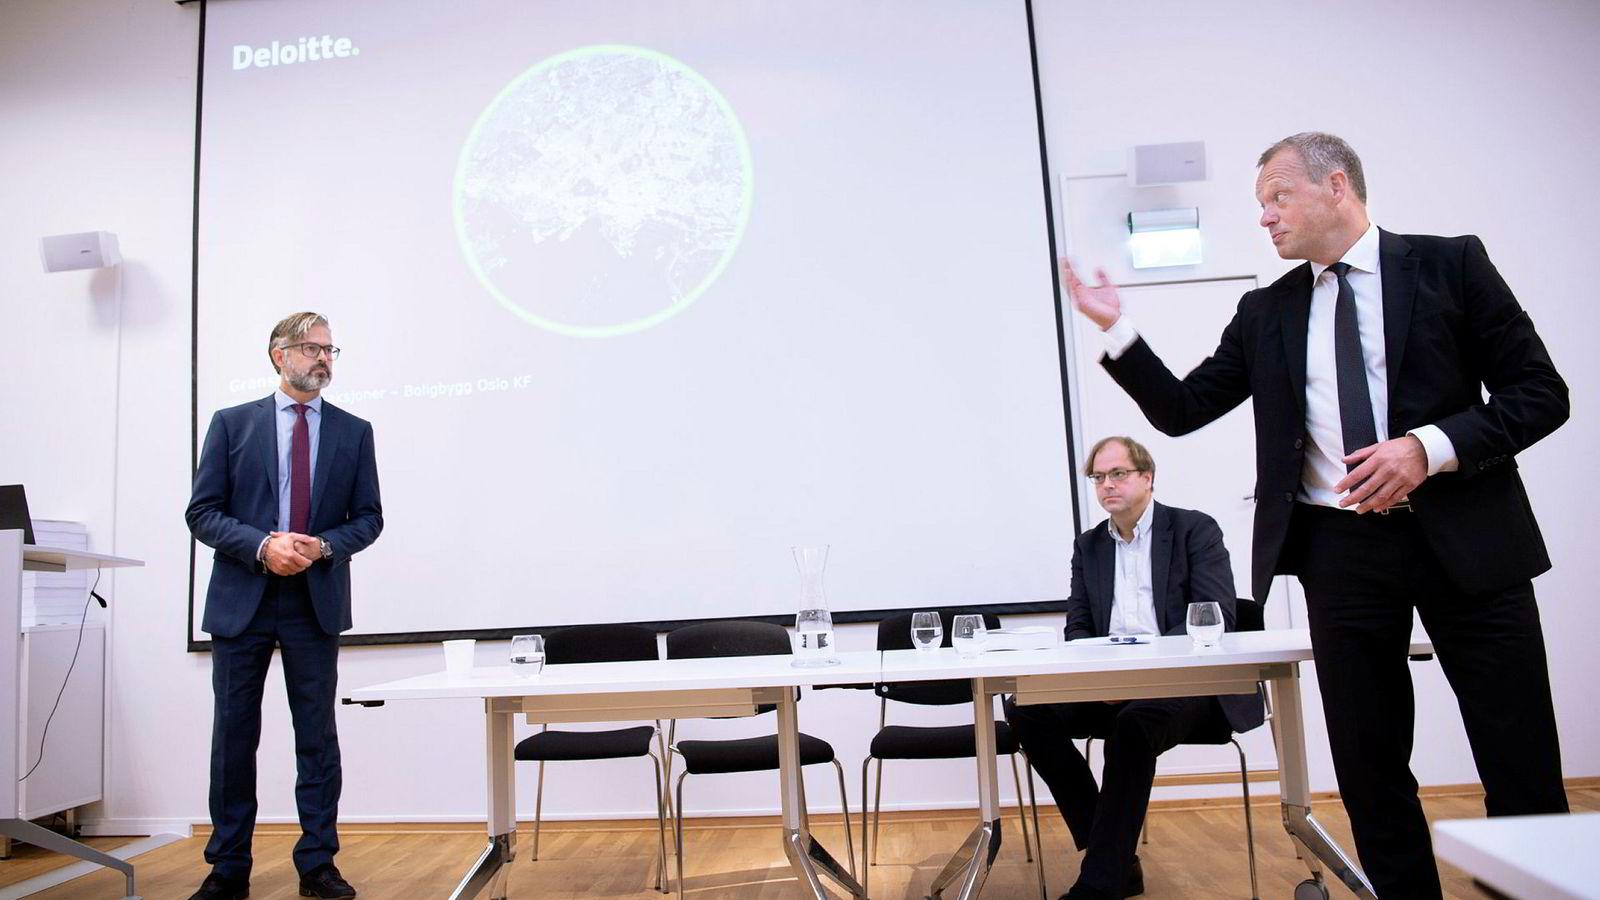 Boligbyggs styreleder Stig Bech (til høyre) fikk i går presentert granskningsrapporten fra Deloitte. Her er han sammen med Thorvald Nyquist og Stein Ove Songstad (sittende) fra Deloitte.